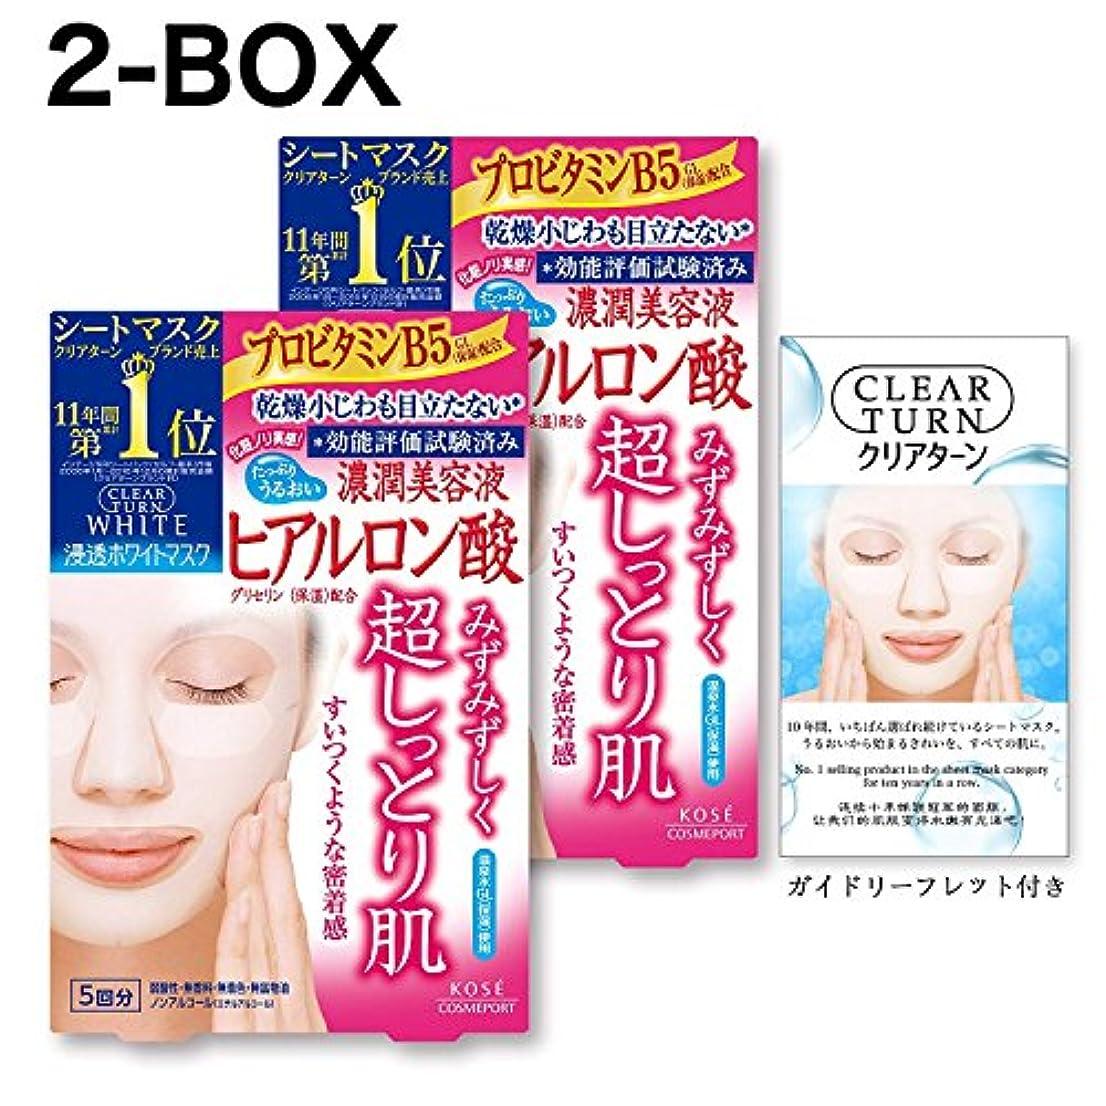 ブラジャーパイントだます【Amazon.co.jp限定】KOSE クリアターン ホワイト マスク HA (ヒアルロン酸) 5回分 2P+おまけ付 フェイスマスク